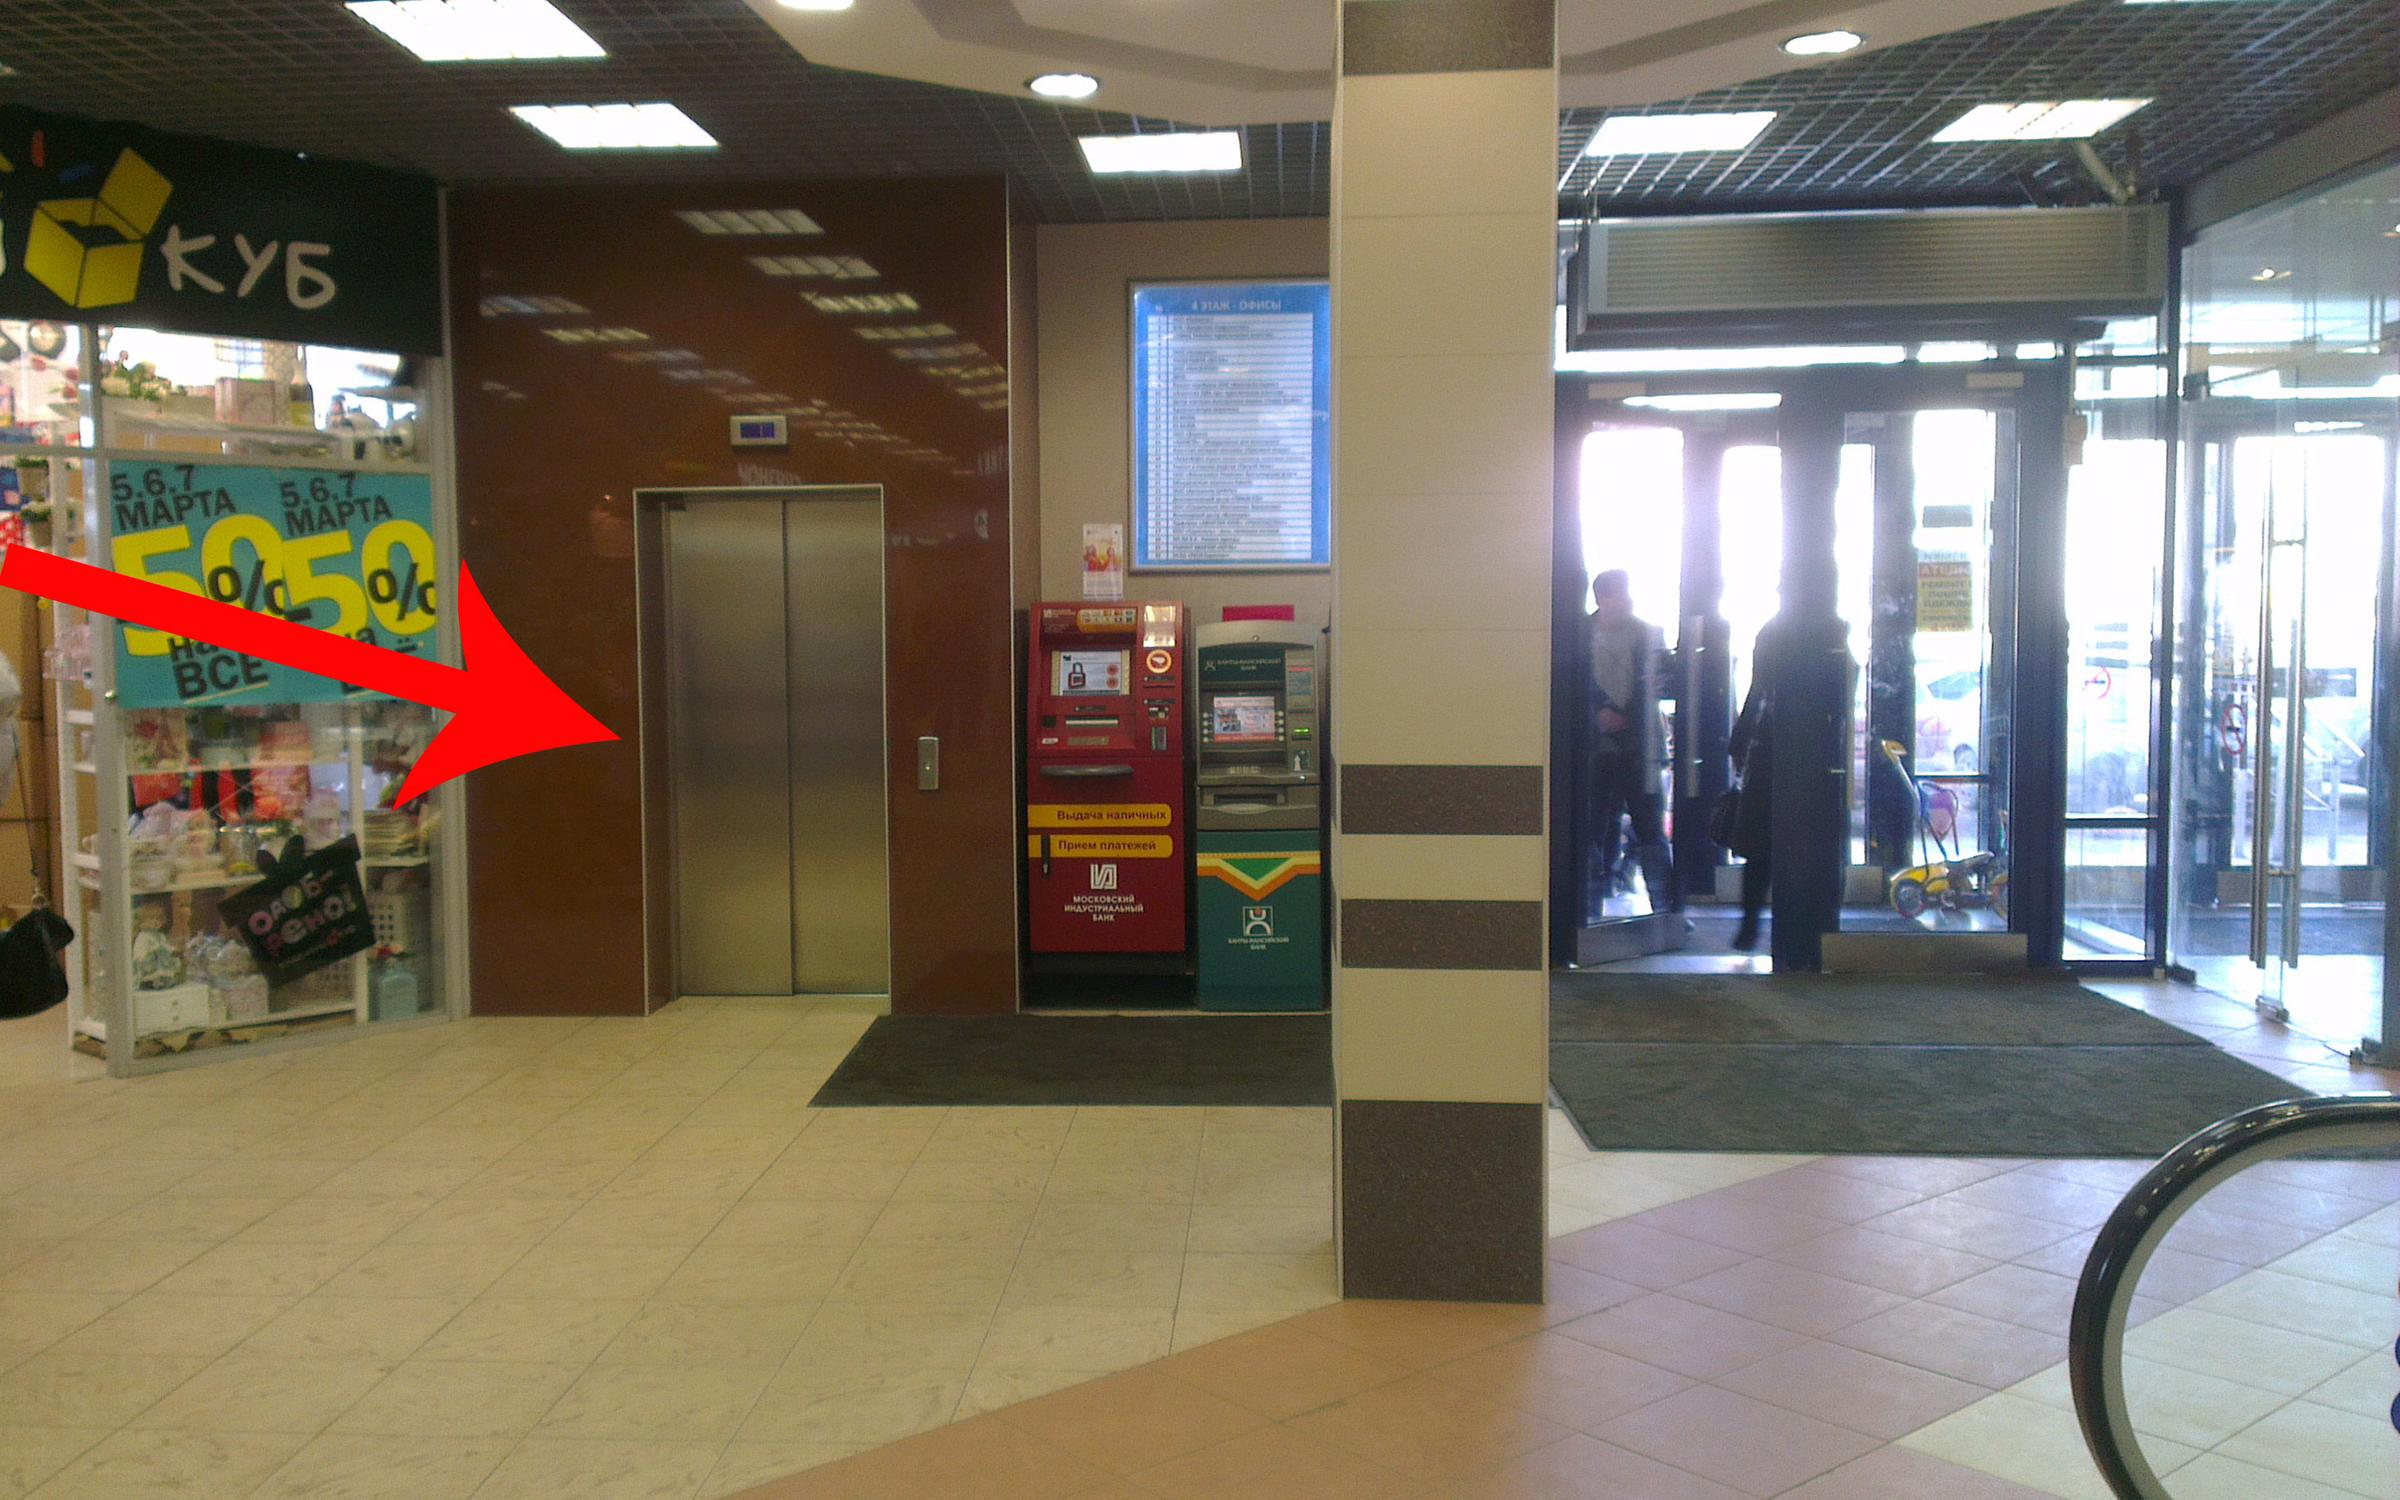 фотография Сеть сервисных центров по гарантийному и послегарантийному ремонту и обслуживанию компьютерной техники ДИКОМ сервис в ТК Рубикон